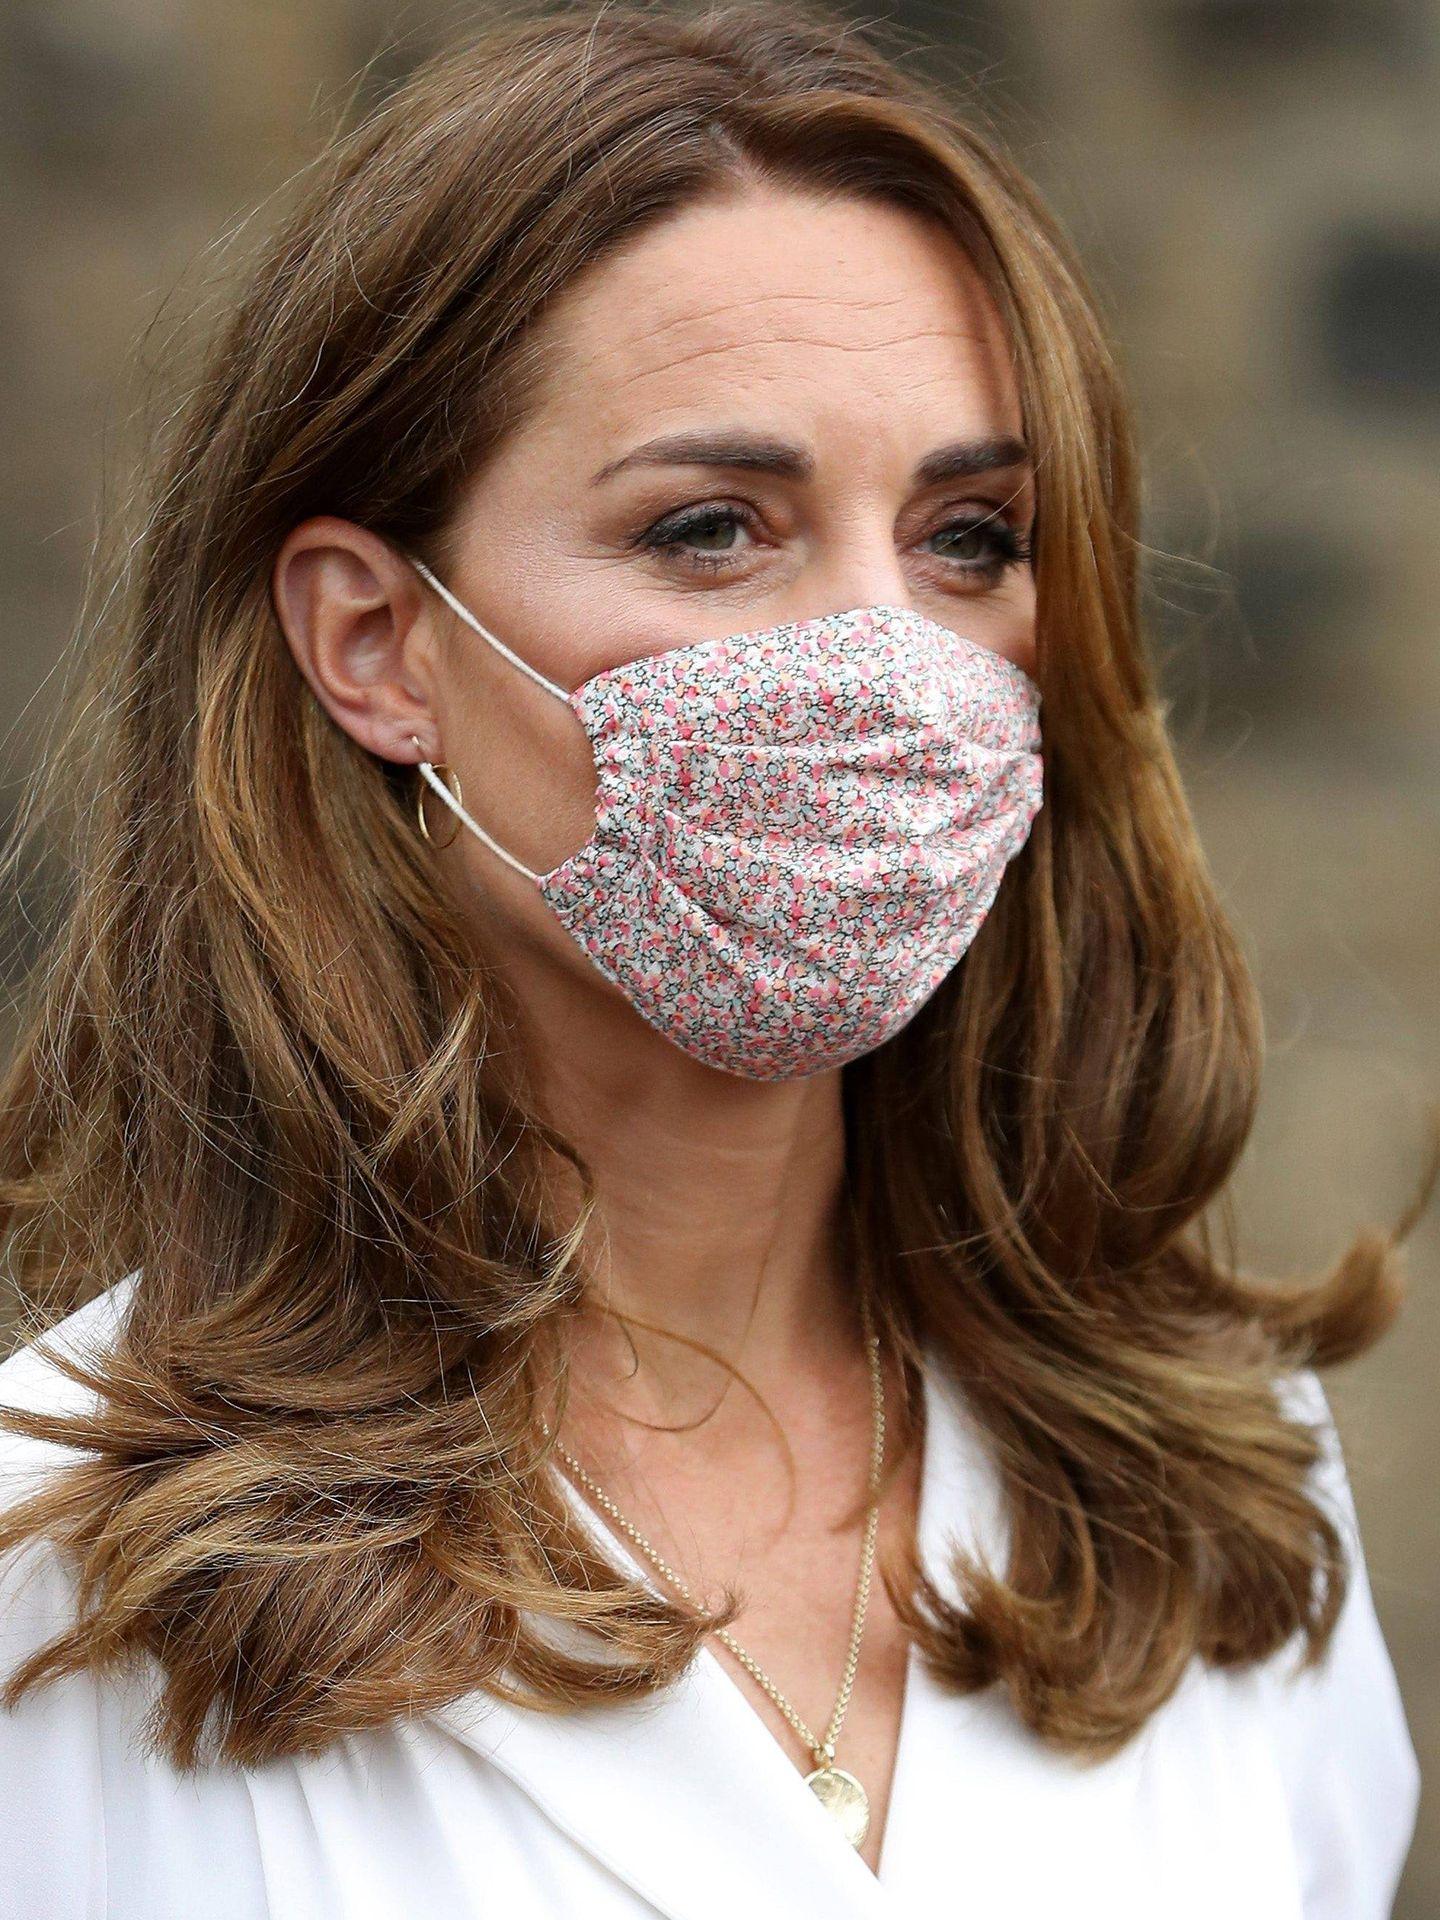 El nuevo corte de pelo de Kate Middleton no se ha olvidado de las capas largas para darle más volumen a la melena. (Cordon press)